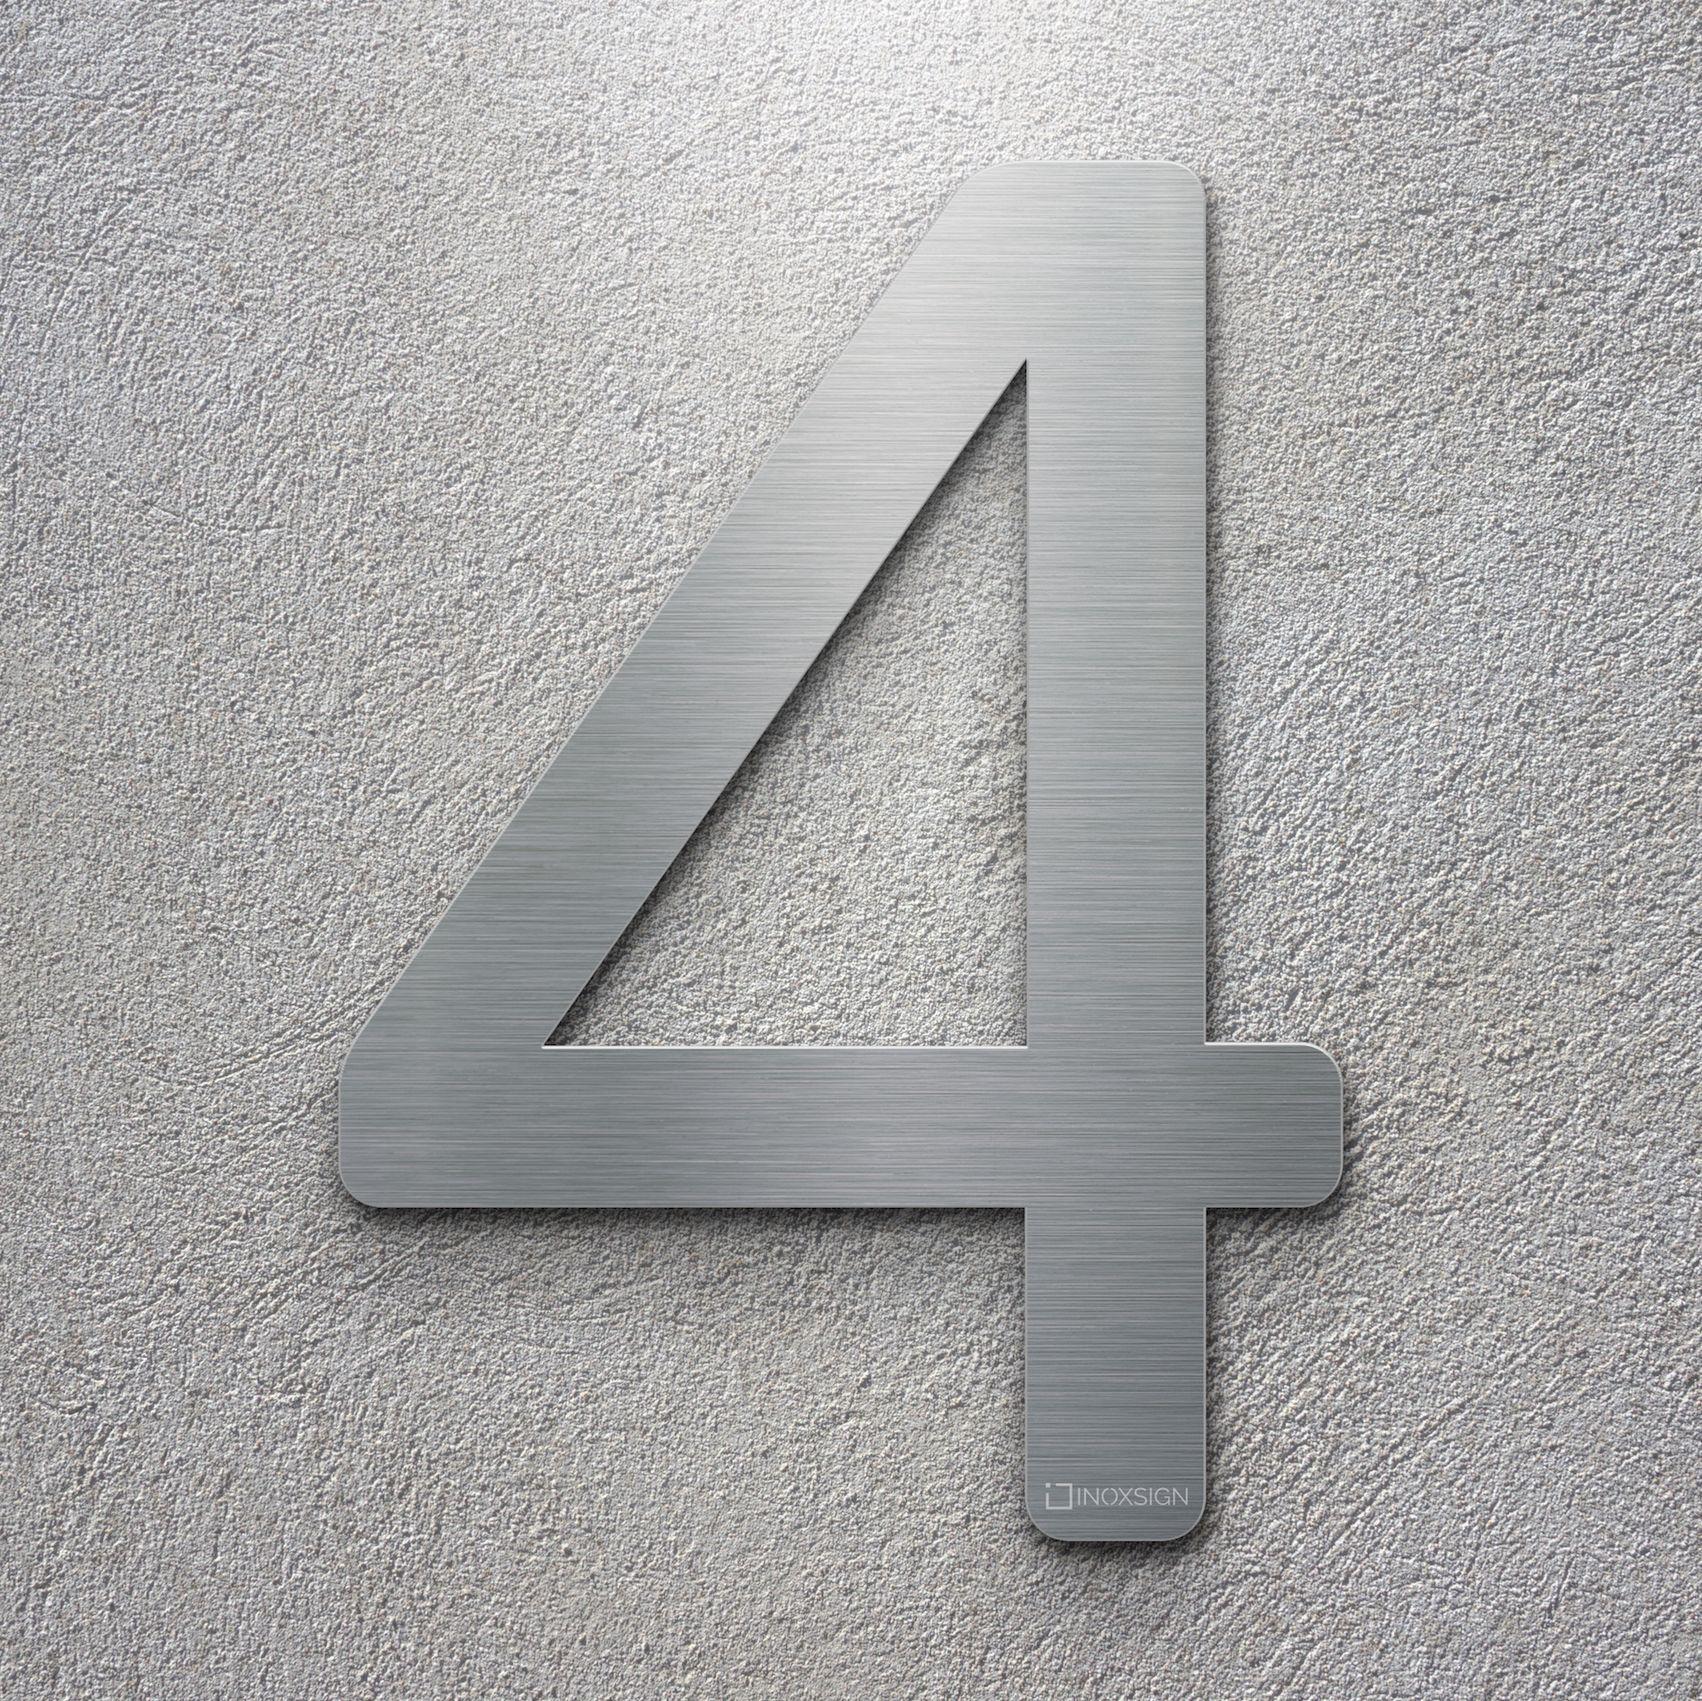 Neu inoxsign edelstahl hausnummer 4 moderne hausnummern aus edelstahl gebürstet design hausnummernschilder erhältlich